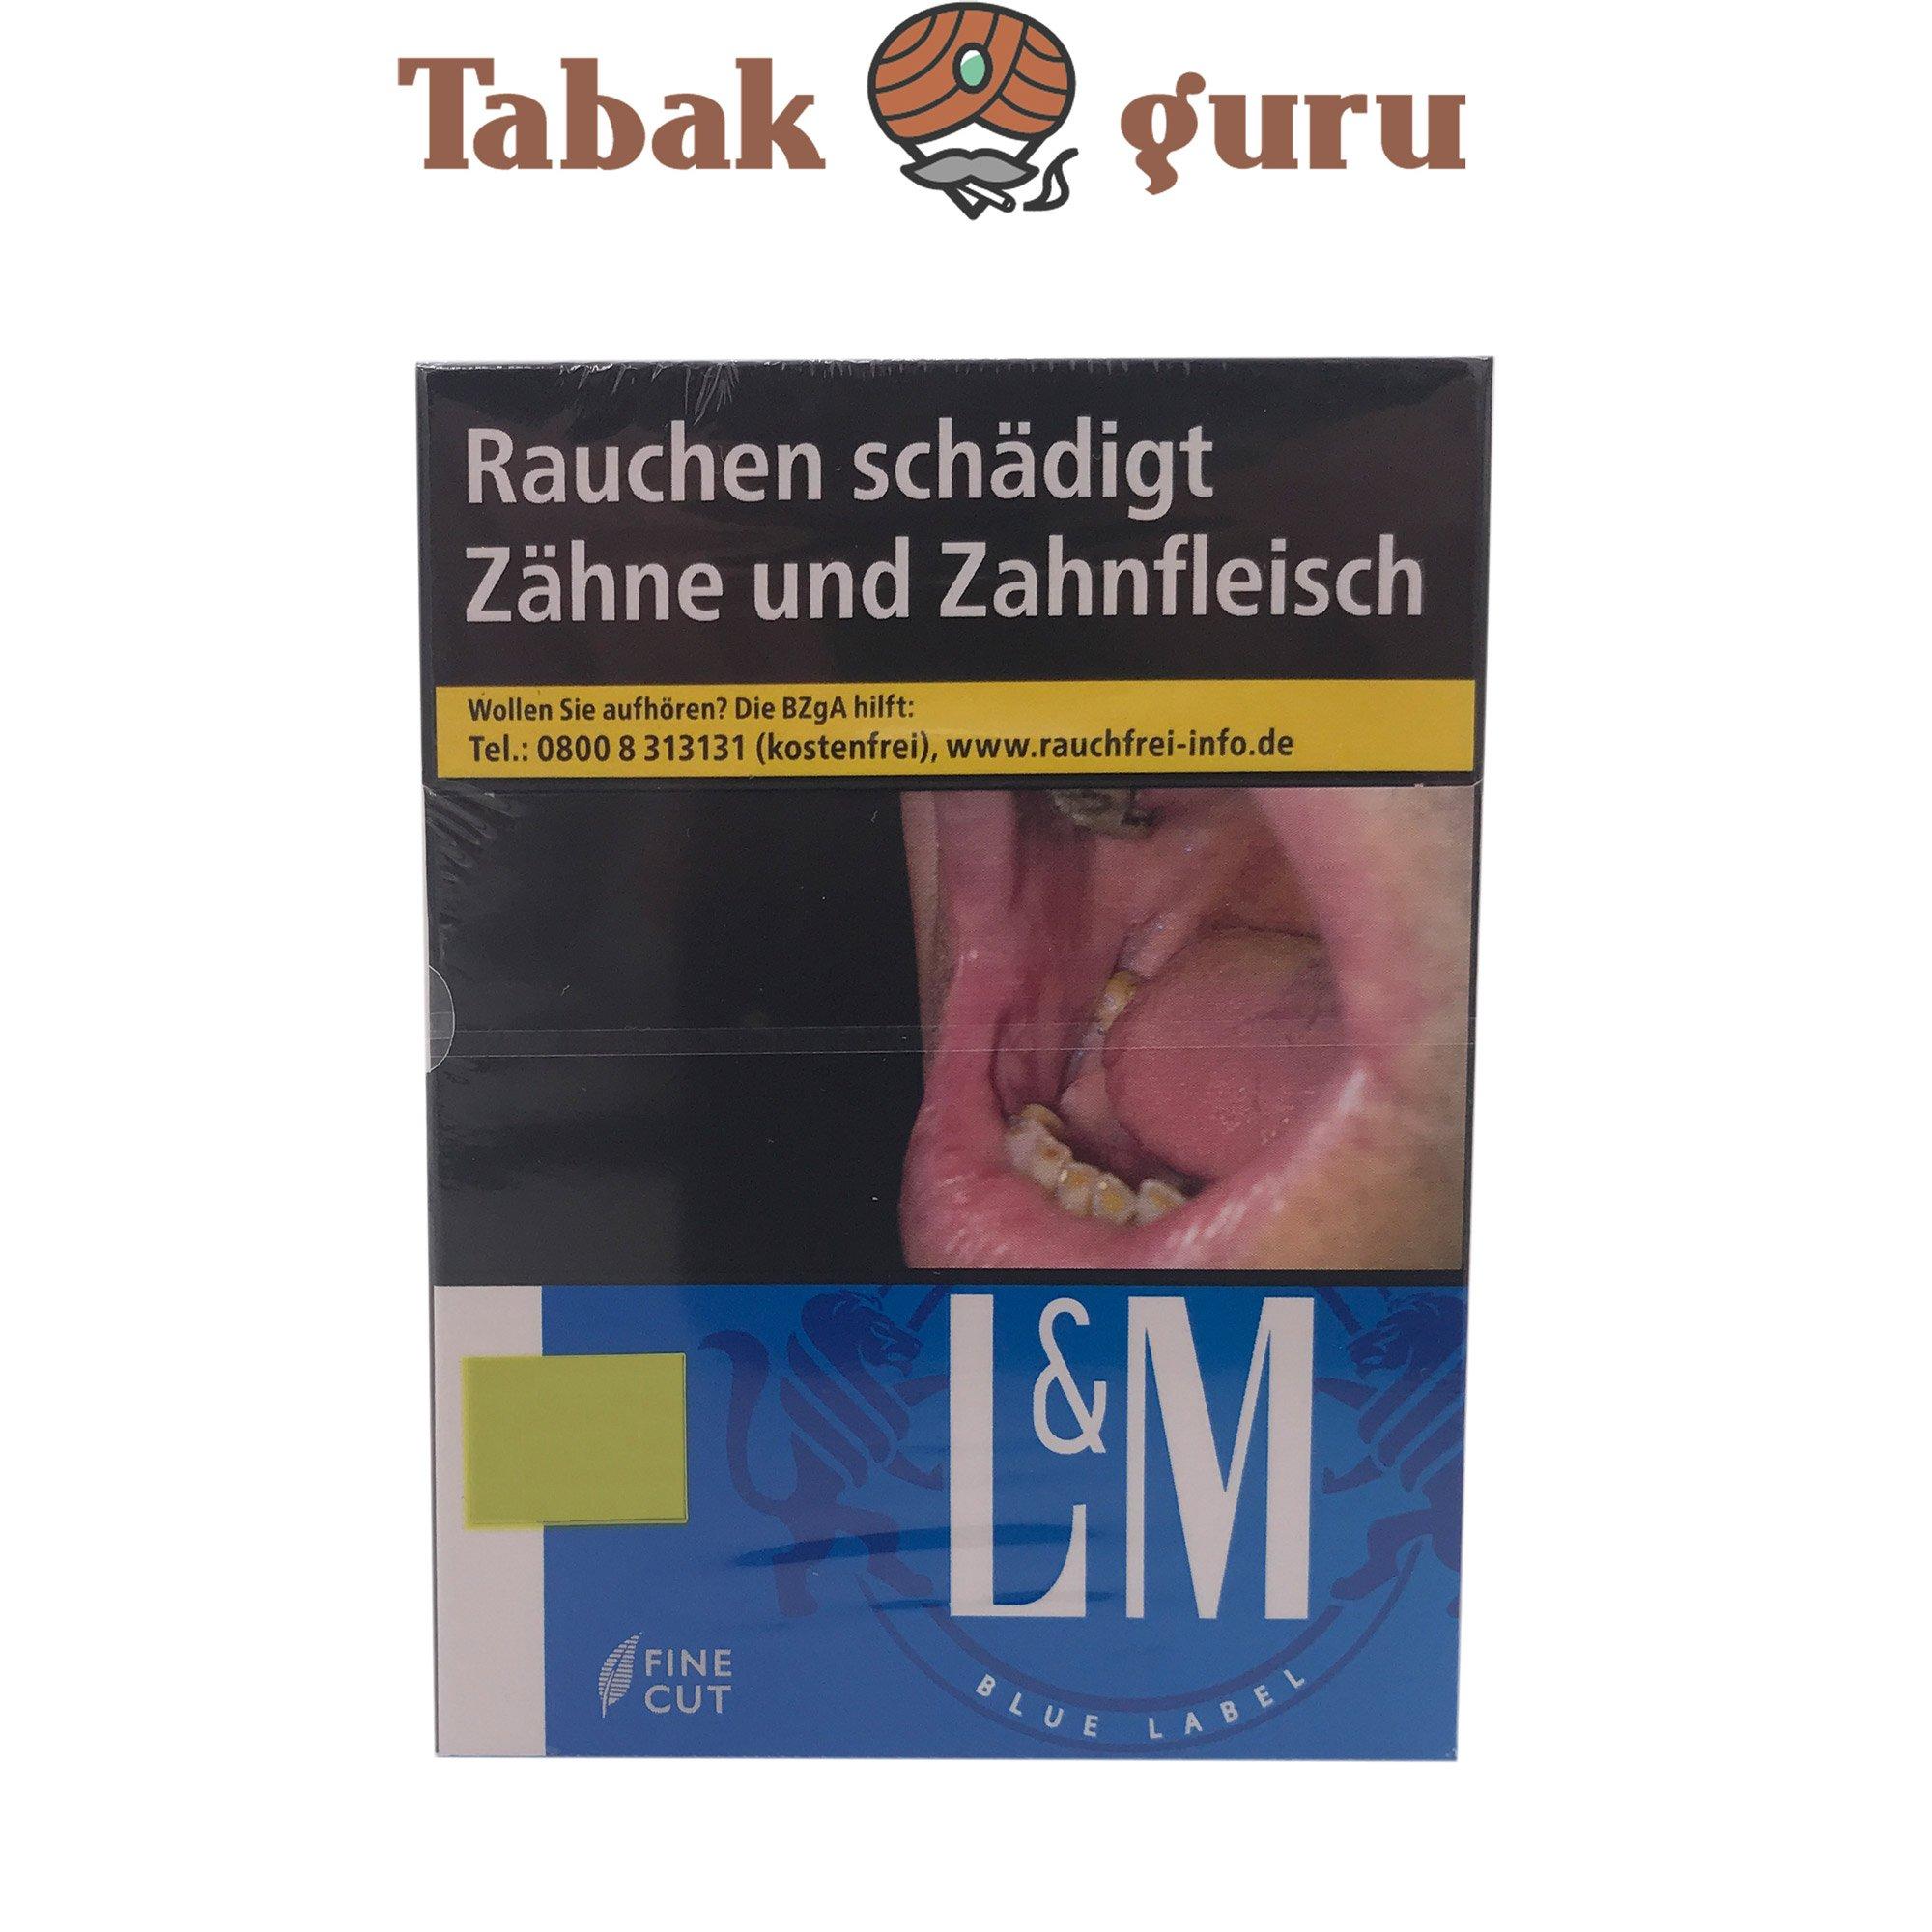 L&M Blue Label XXL Zigaretten Inhalt 25 Stück